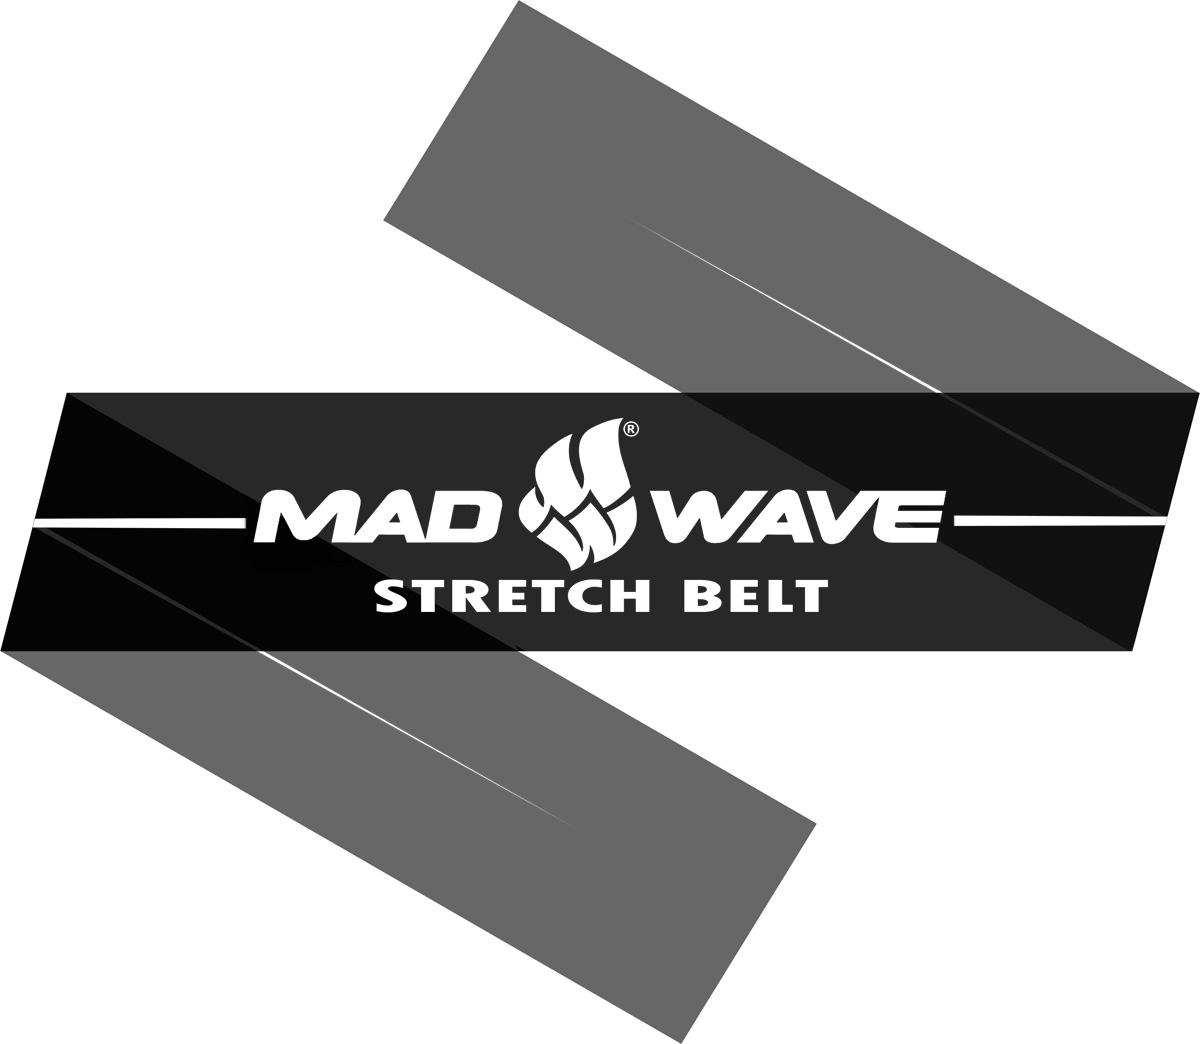 Эспандер Mad Wave Stretch Band, цвет: черный, 150 см х 15 см х 0,04 см40162Эспандер Mad Wave Stretch Band предназначен для тренировки и разогрева мышц. Представляет собой латексную ленту. Может применятся в любом виде спорта. Чрезвычайно компактный.